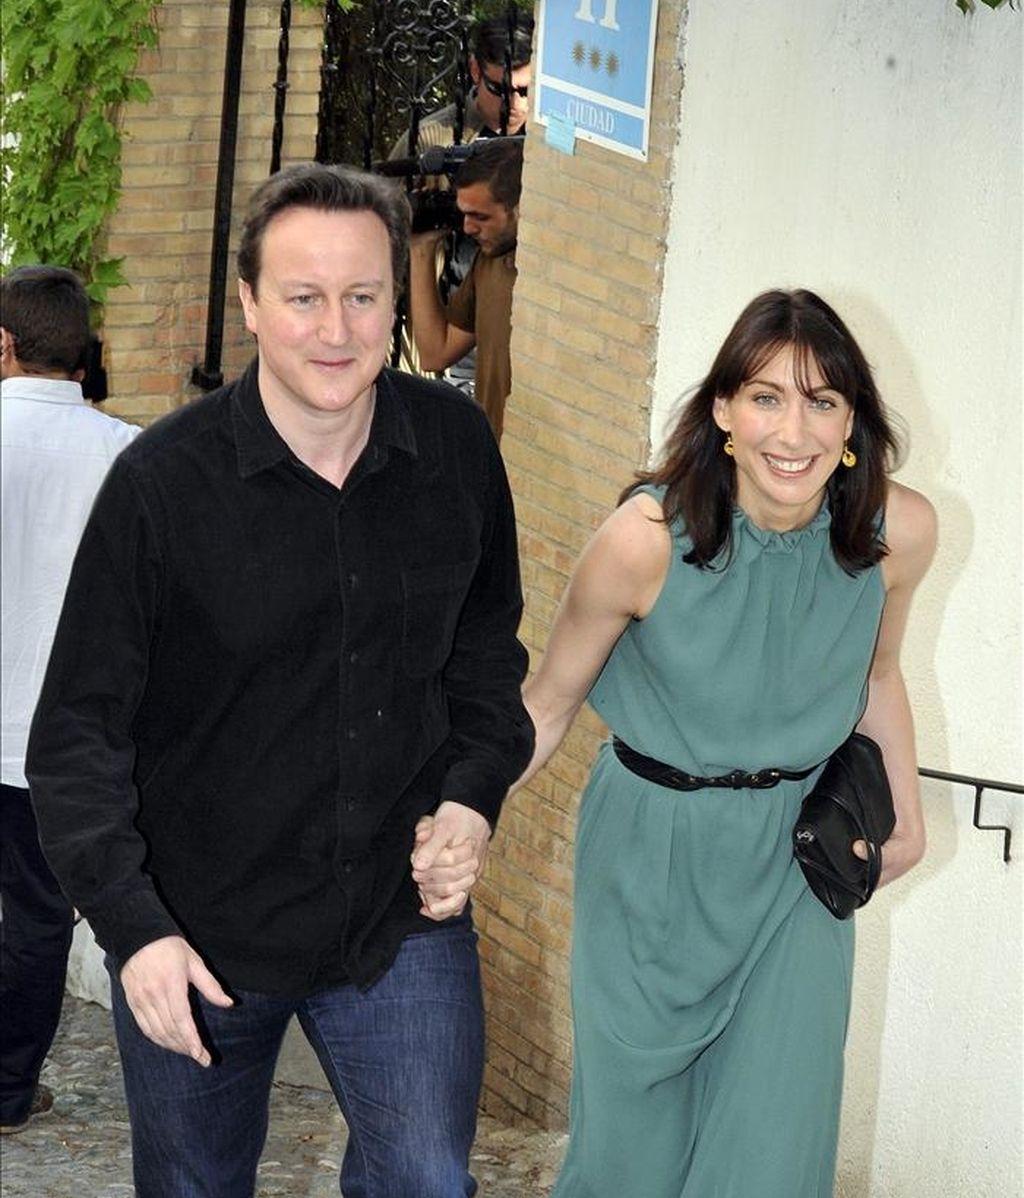 El primer ministro británico, David Cameron ha descartado el frac como atuendo para acudir a la boda real. En la imagen, Cameron y su mujer Samantha, salen del hotel del barrio del Realejo en Granada donde se alojaron durante su visita privada el 7 de abril pasado. EFE/Archivo